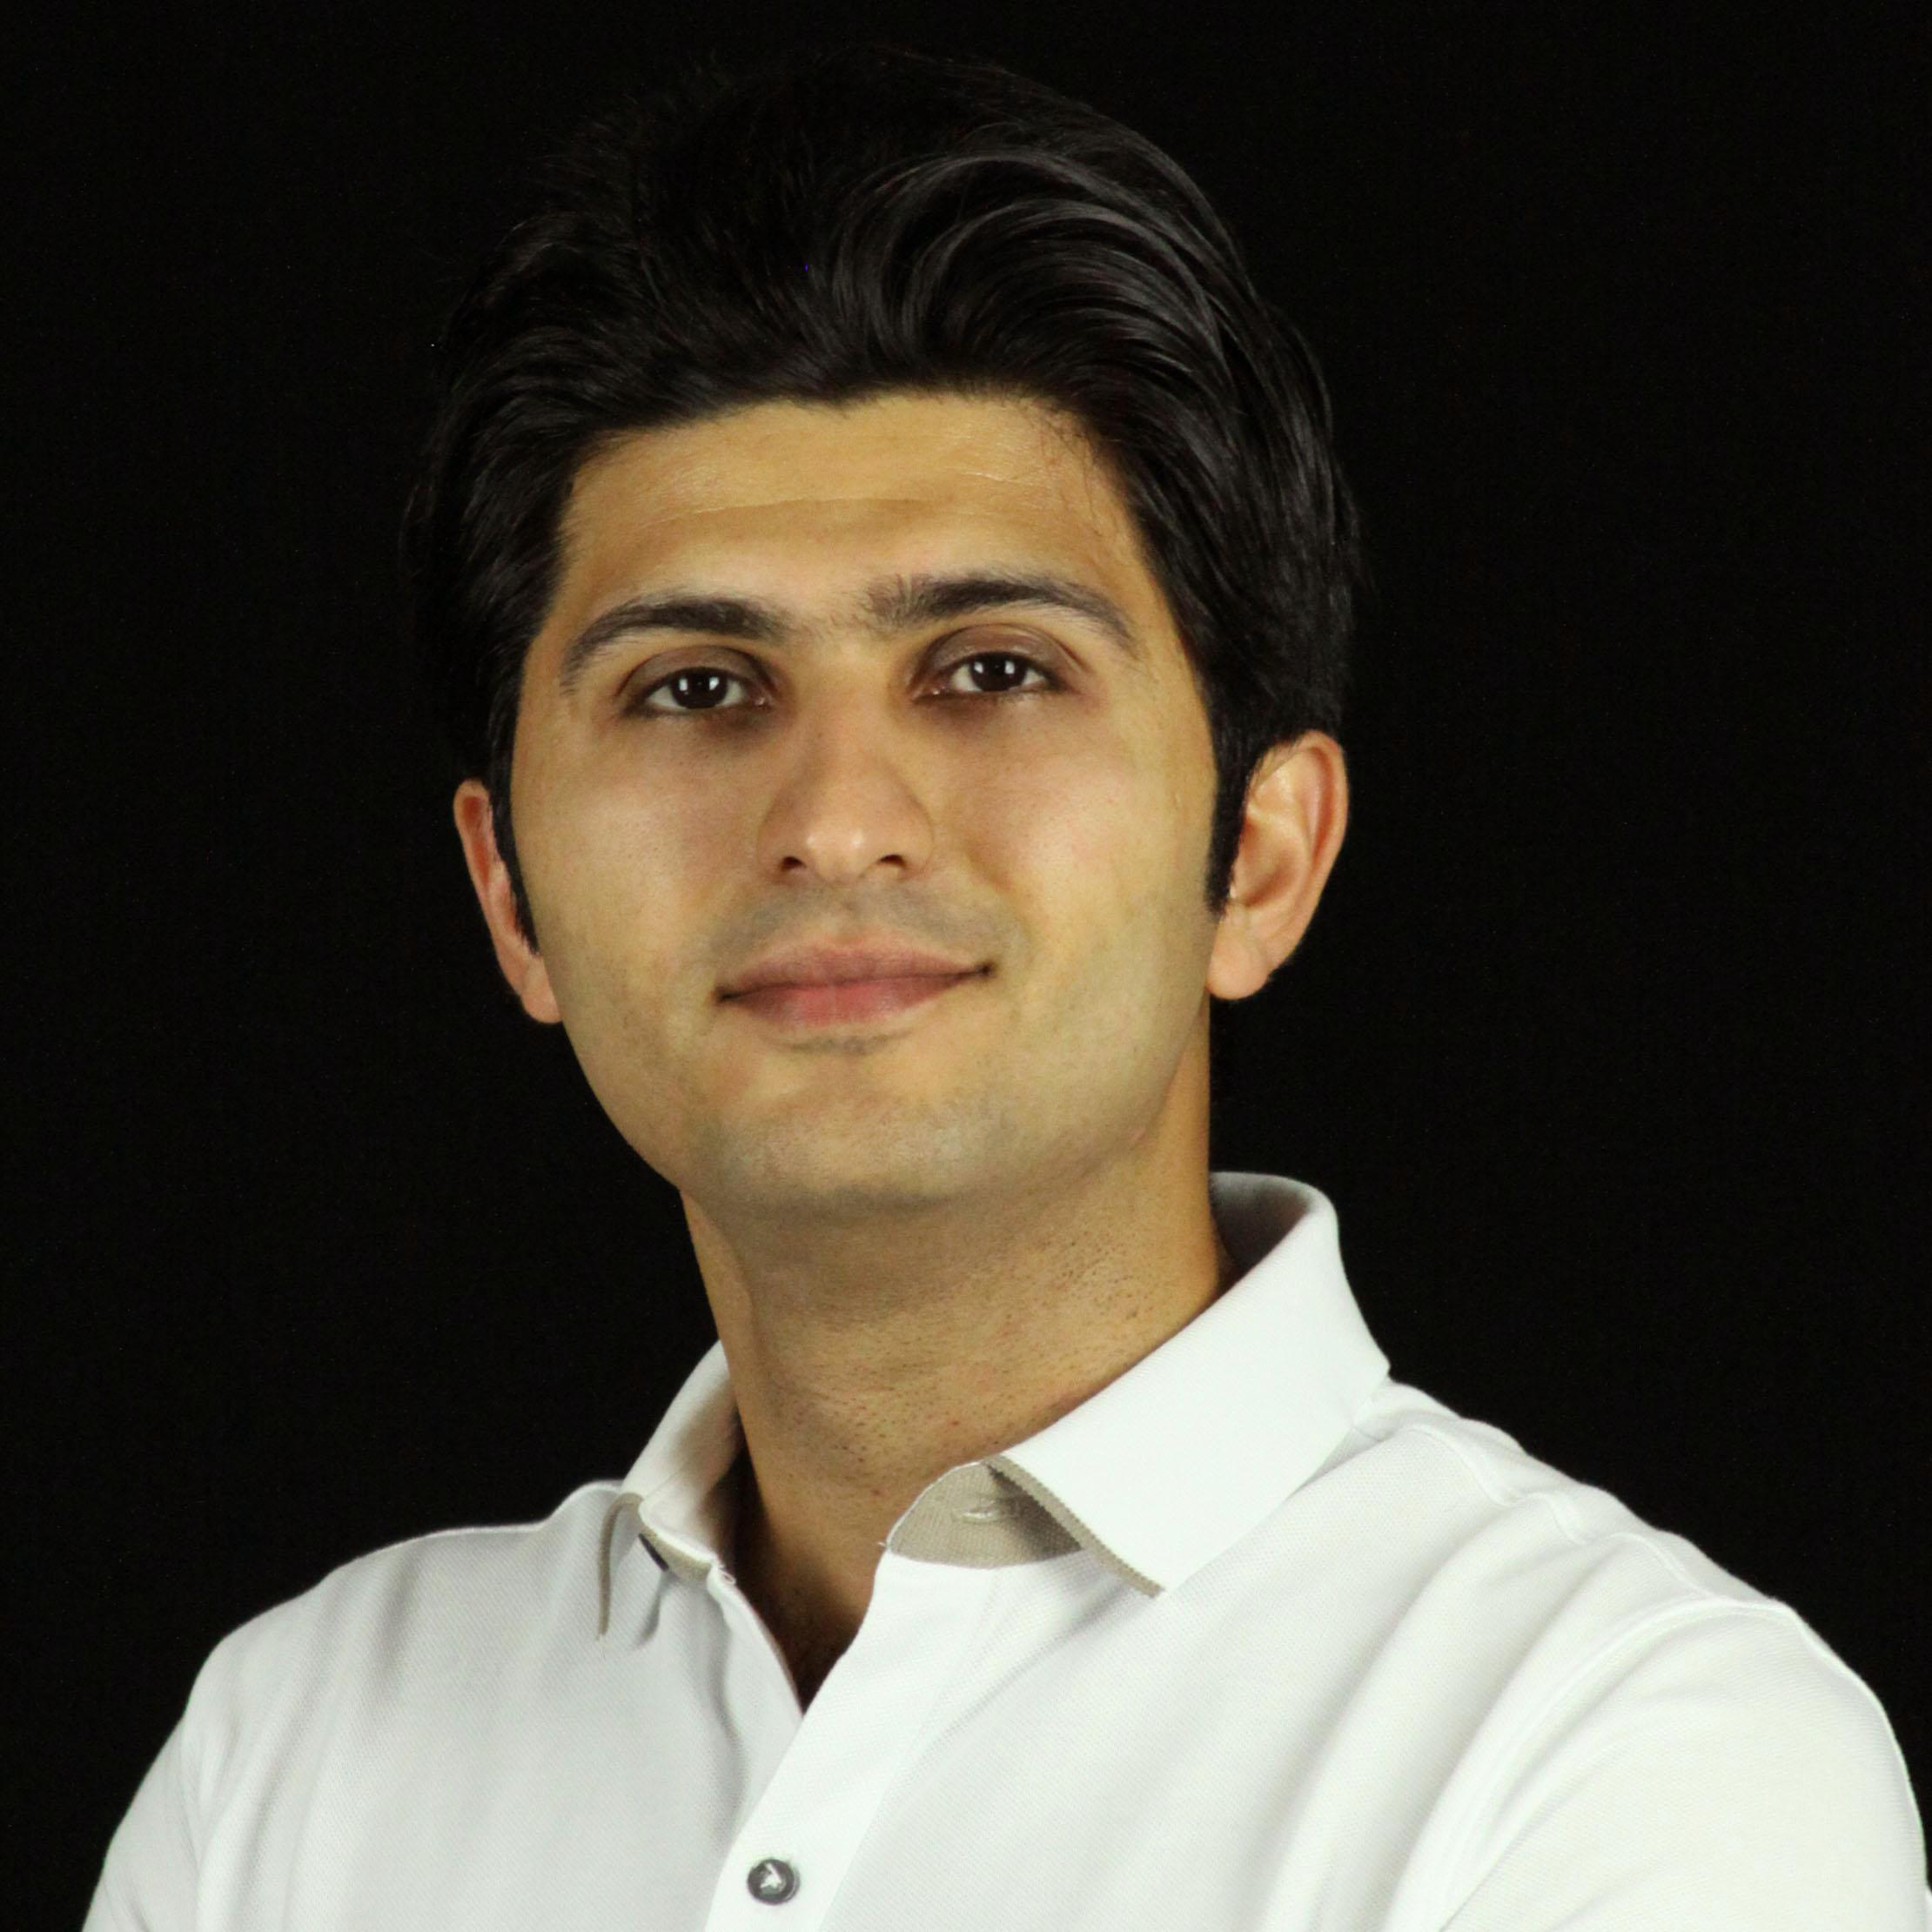 Aidin Nikpour